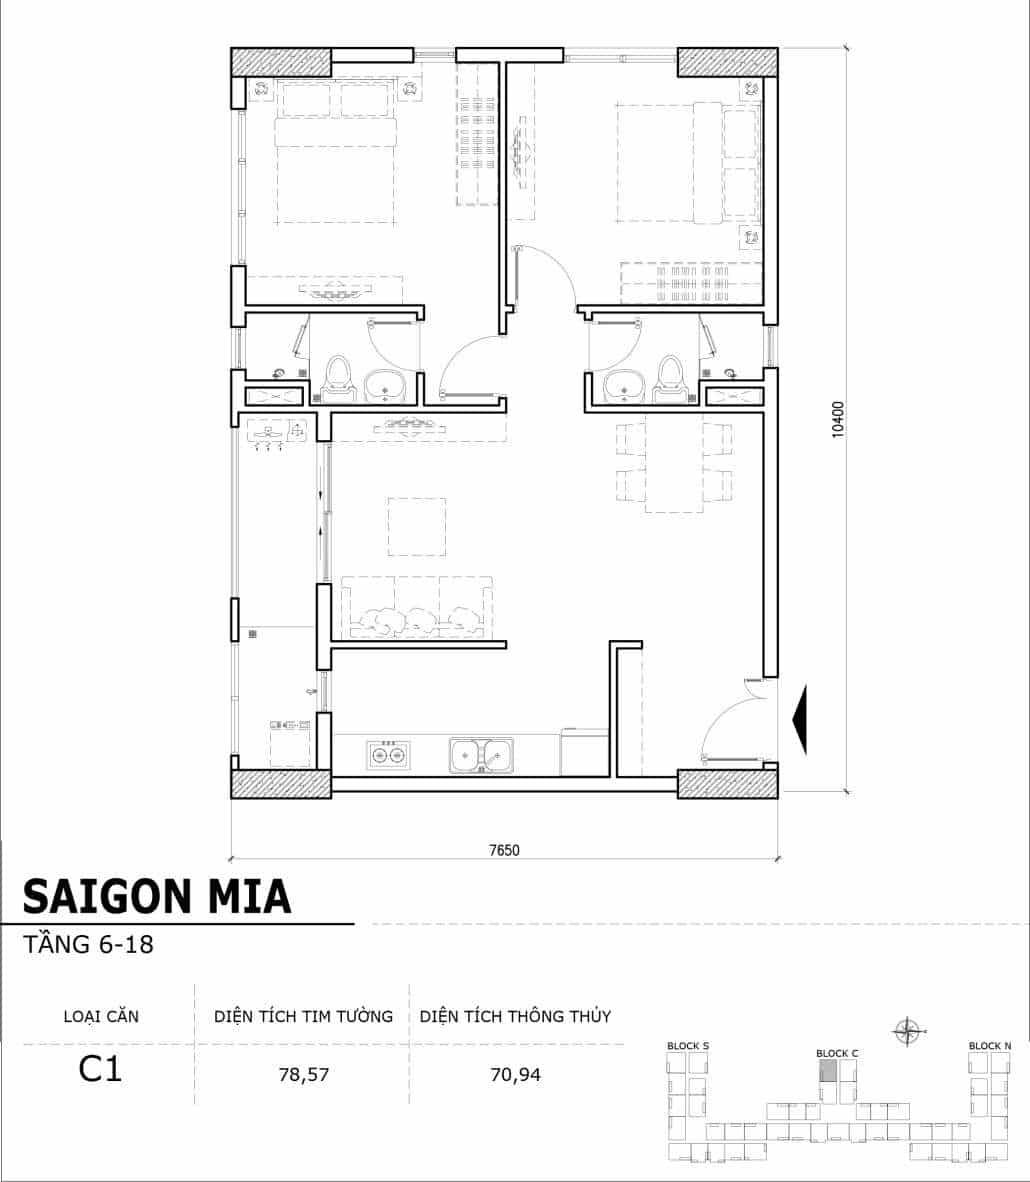 Chi tiết thiết kế căn hộ điển hình tầng 6-18 dự án Sài Gòn Mia - Căn C1